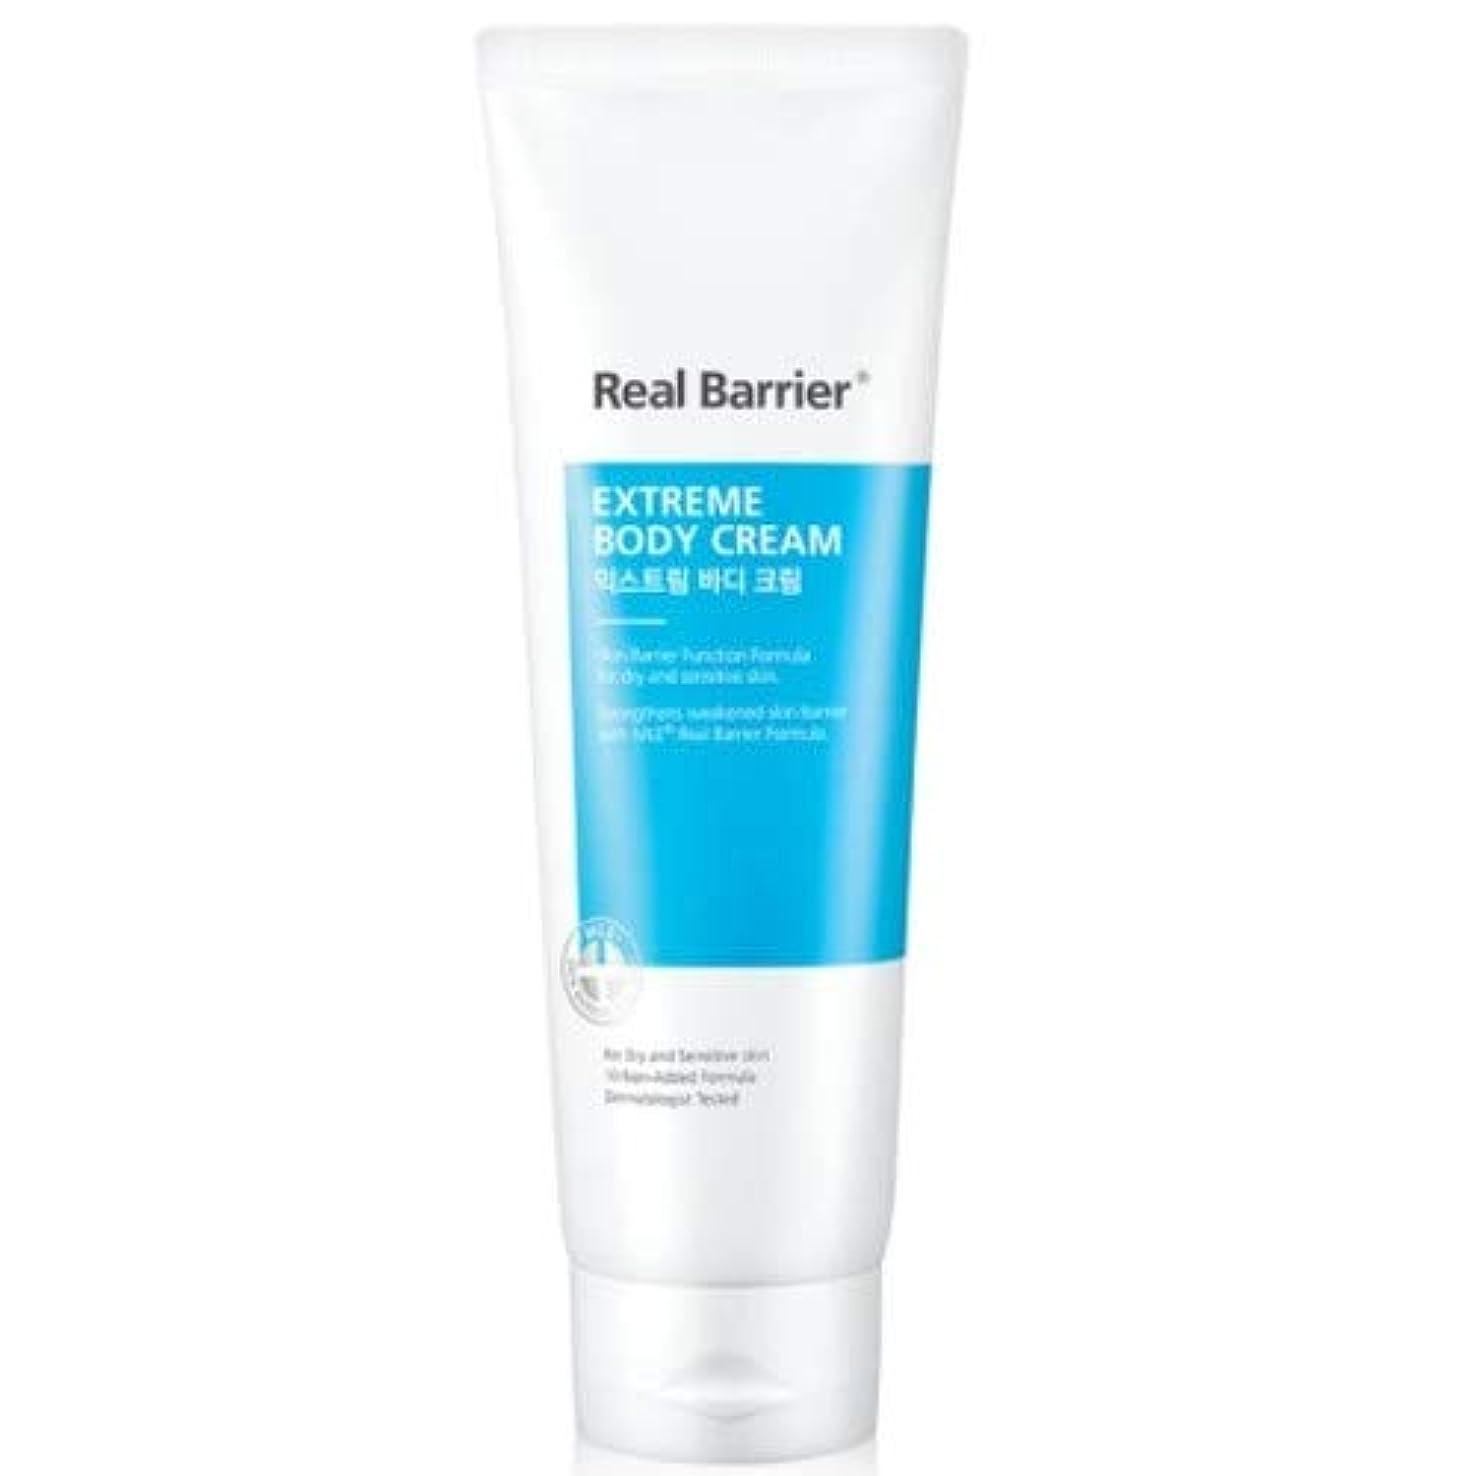 同盟下位桃ATOPALM Real Barrier?エクストリームボディークリーム250g / ATOPALM Real Barrier Extreme Body Cream [並行輸入品]